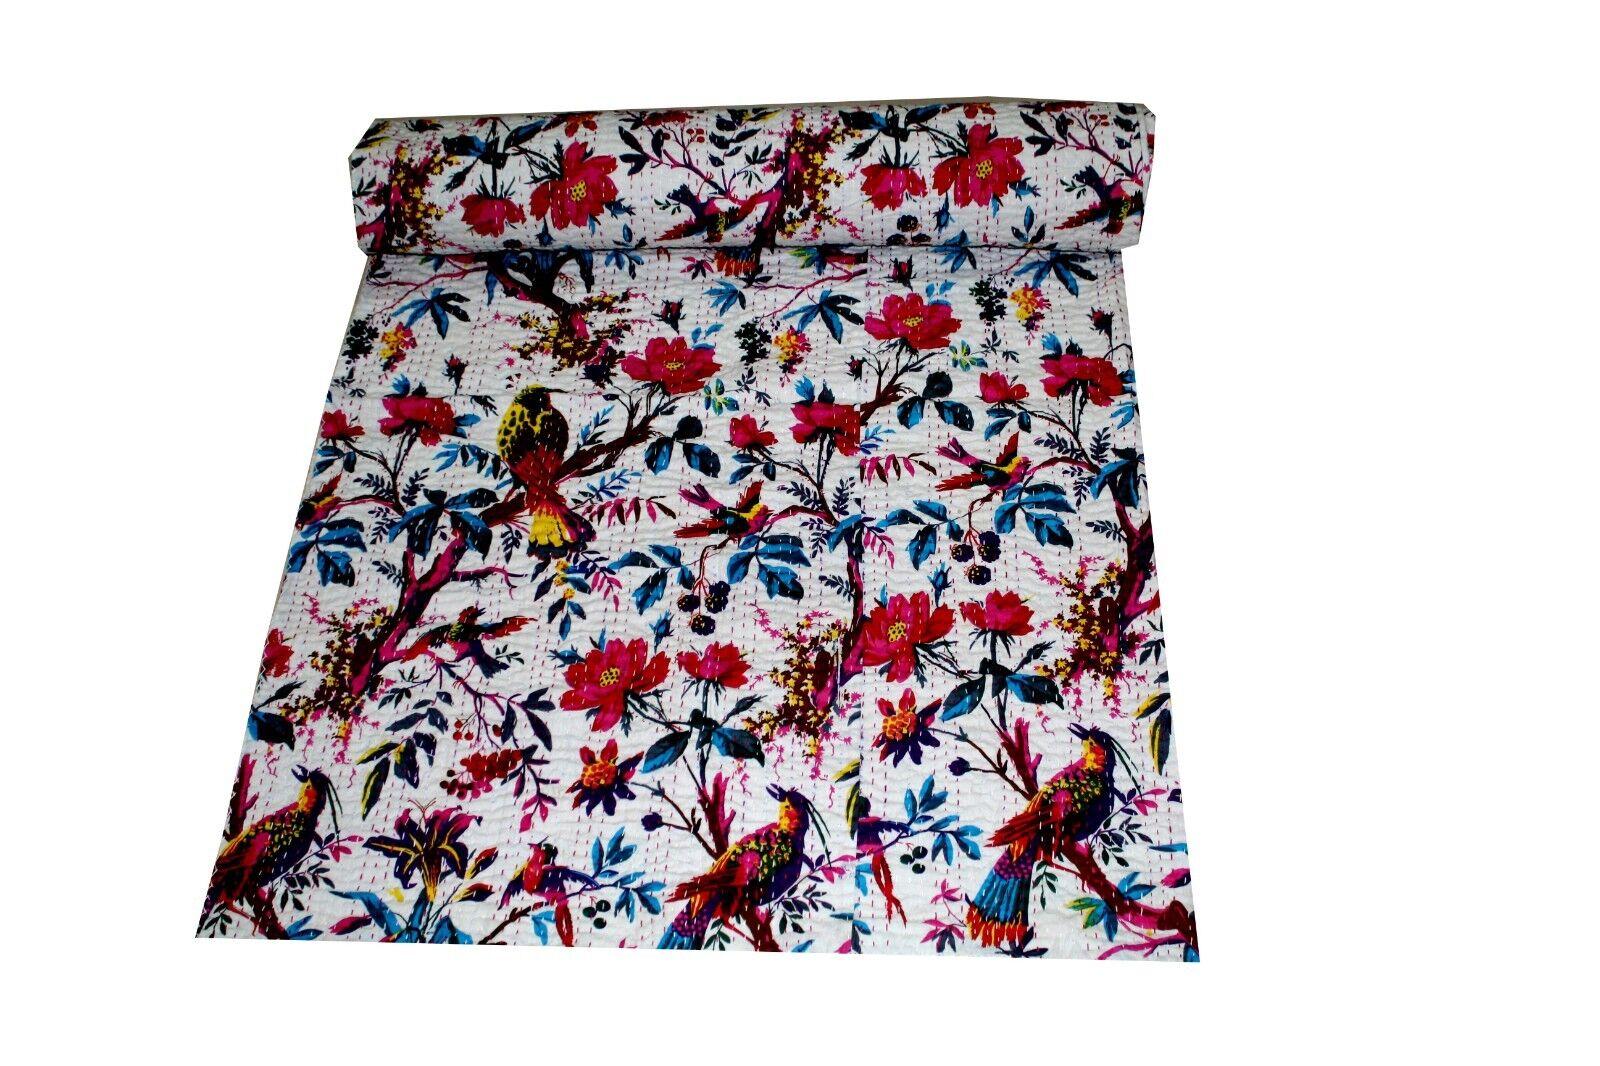 Handmade Quilt Vintage Kantha Bedspread Throw Cotton Blanket Gudari White Bird